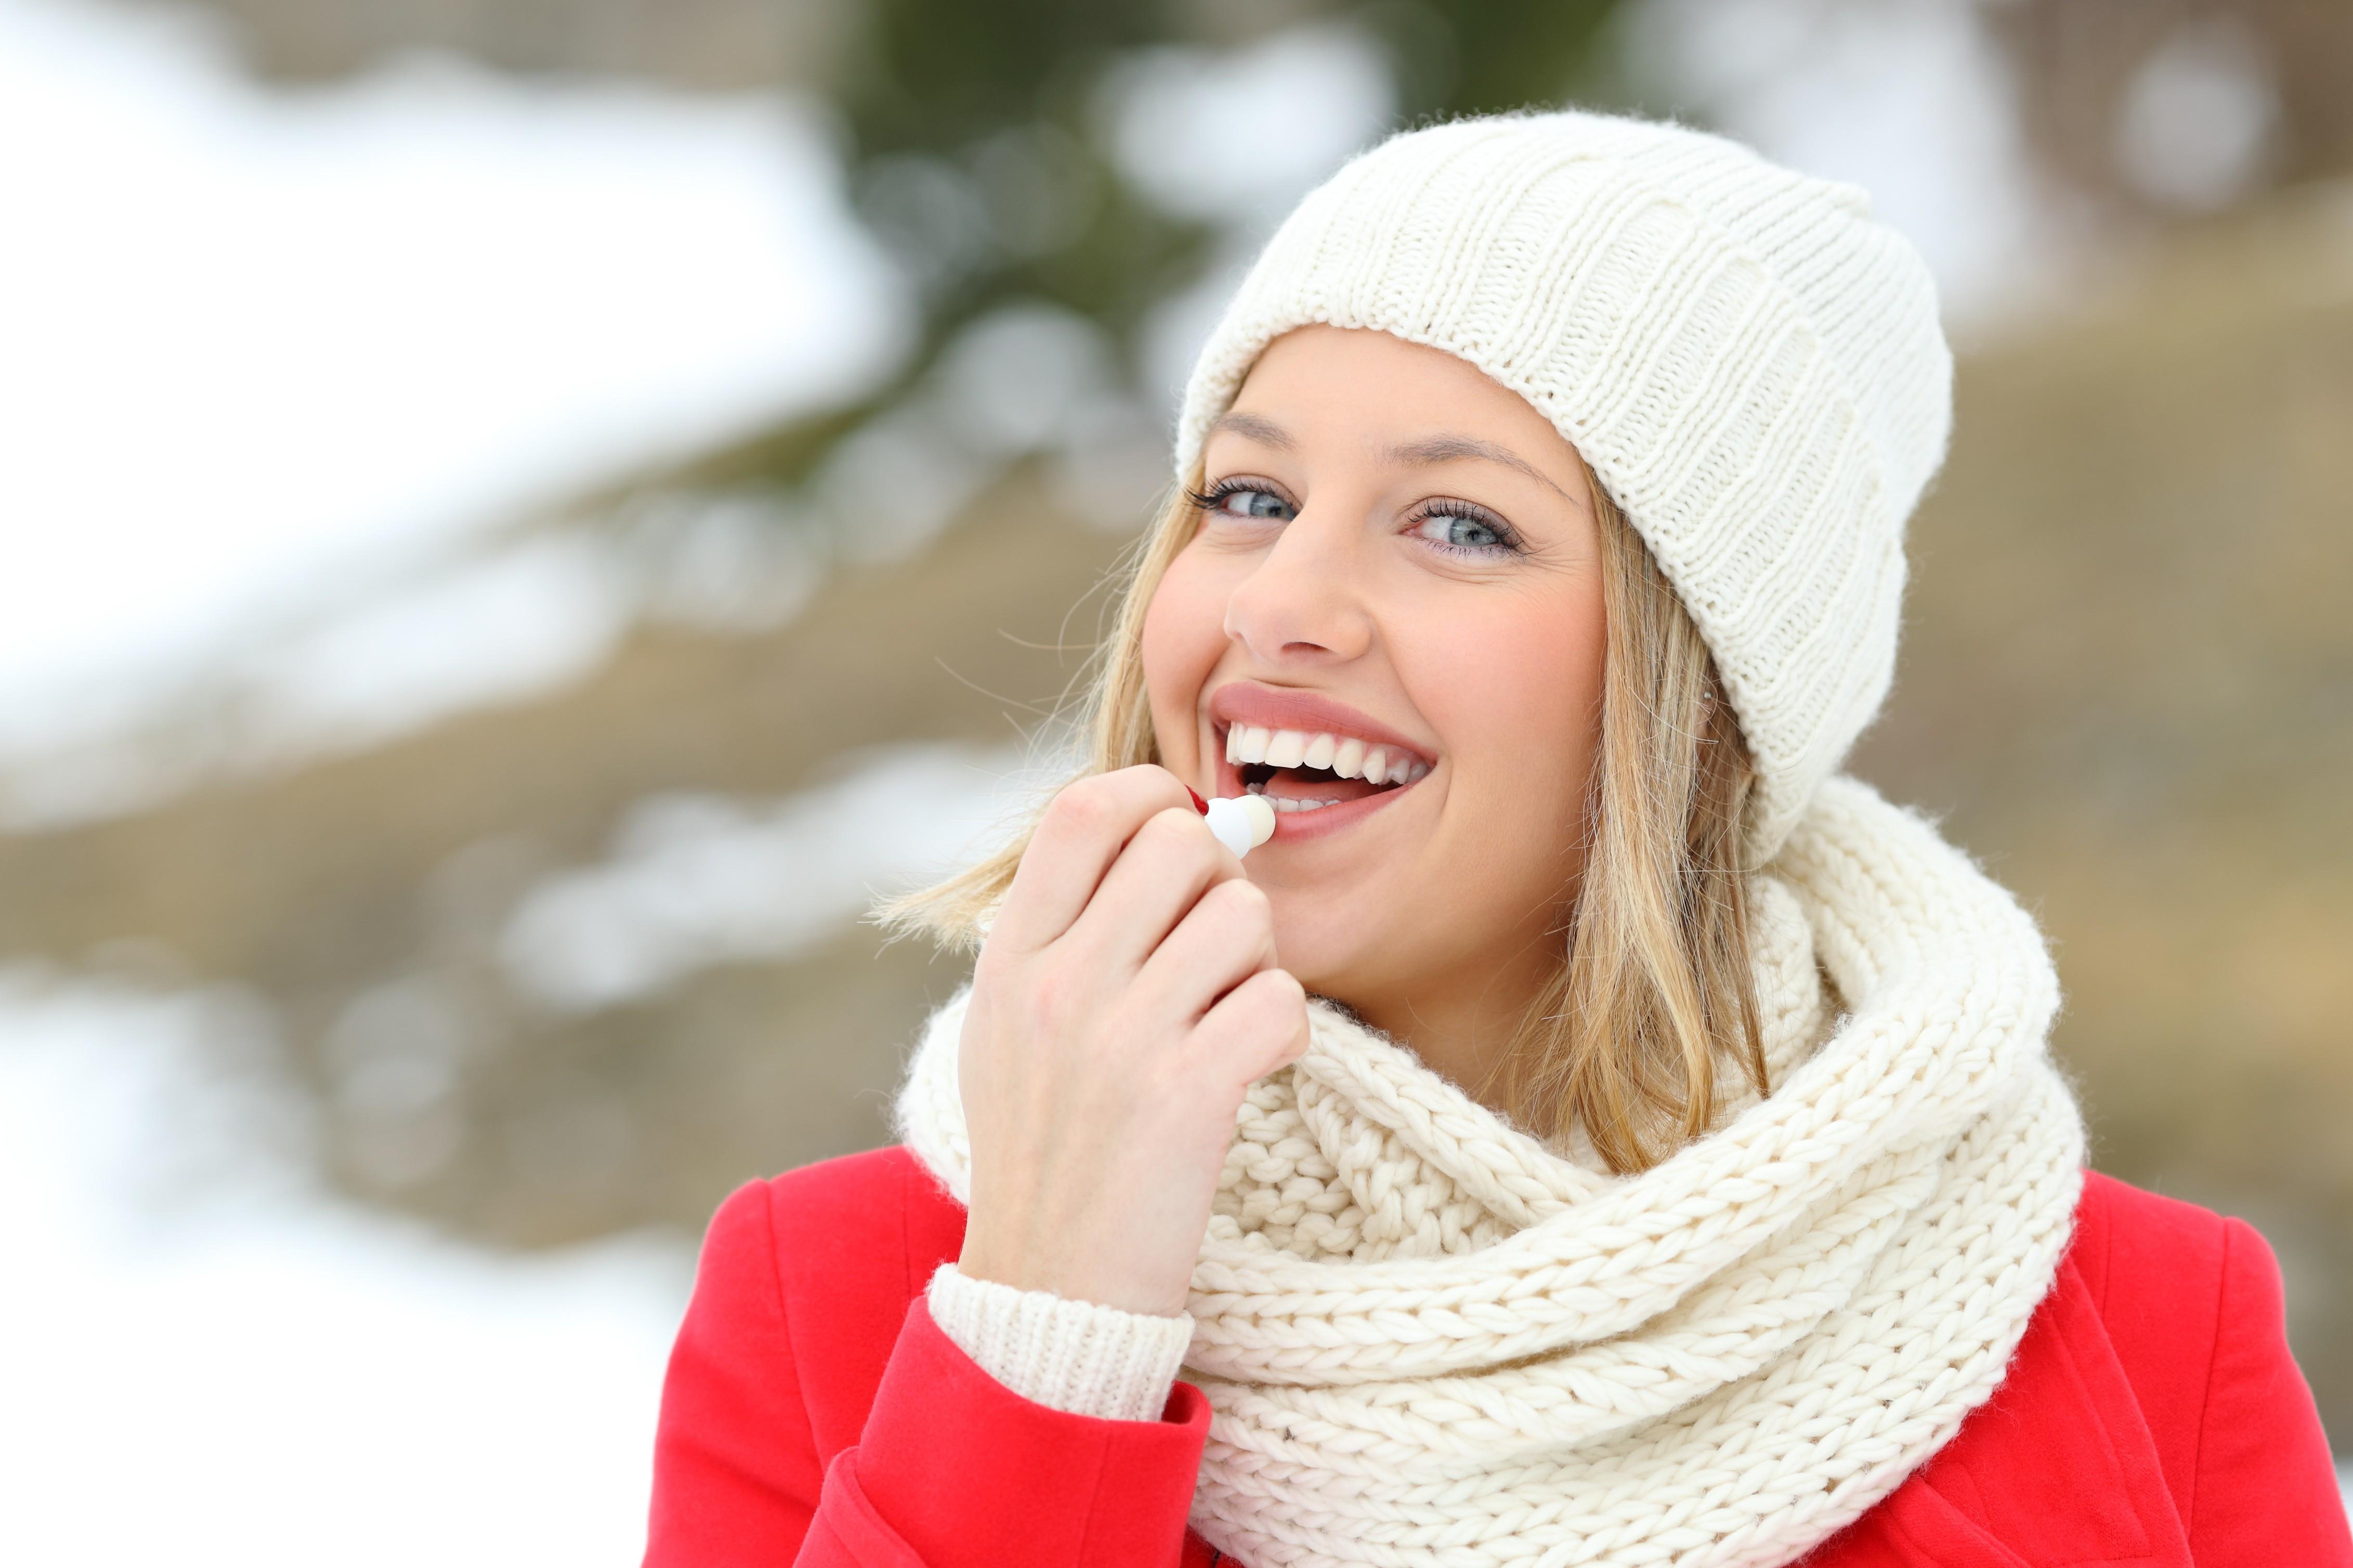 Губы шелушатся и трескаются — как им помочь? 10 проверенных способов и рецепты домашних масок от Lisa.ru